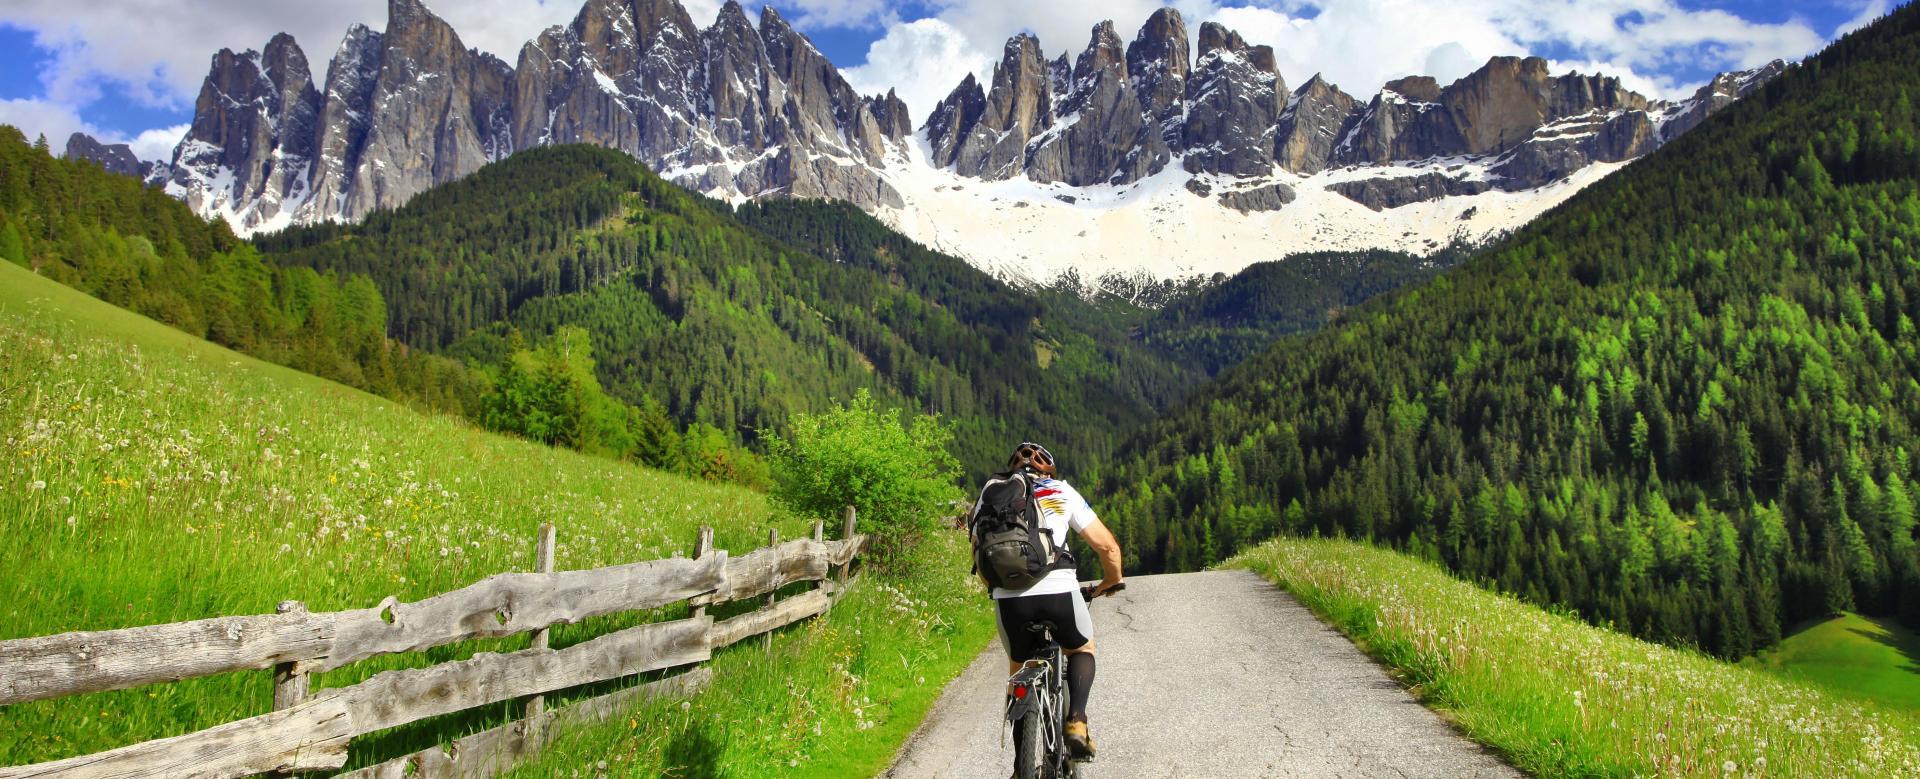 Voyage en véhicule : Les pistes des dolomites à vélo